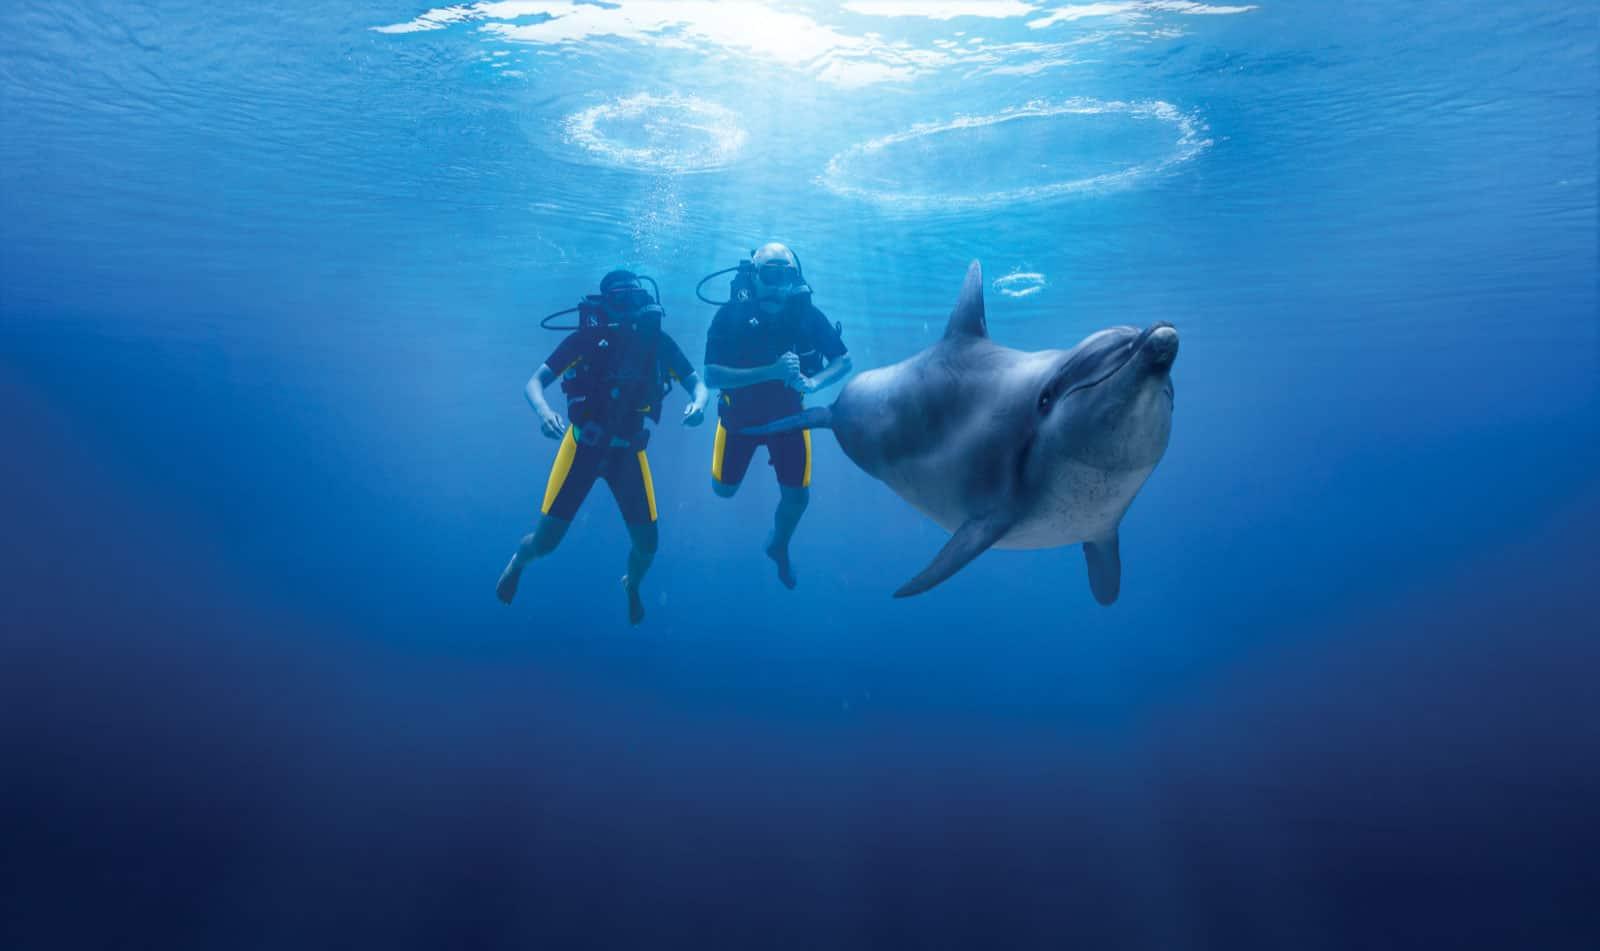 اماكن سياحيه في دبي : خليج الدلافين في دبي